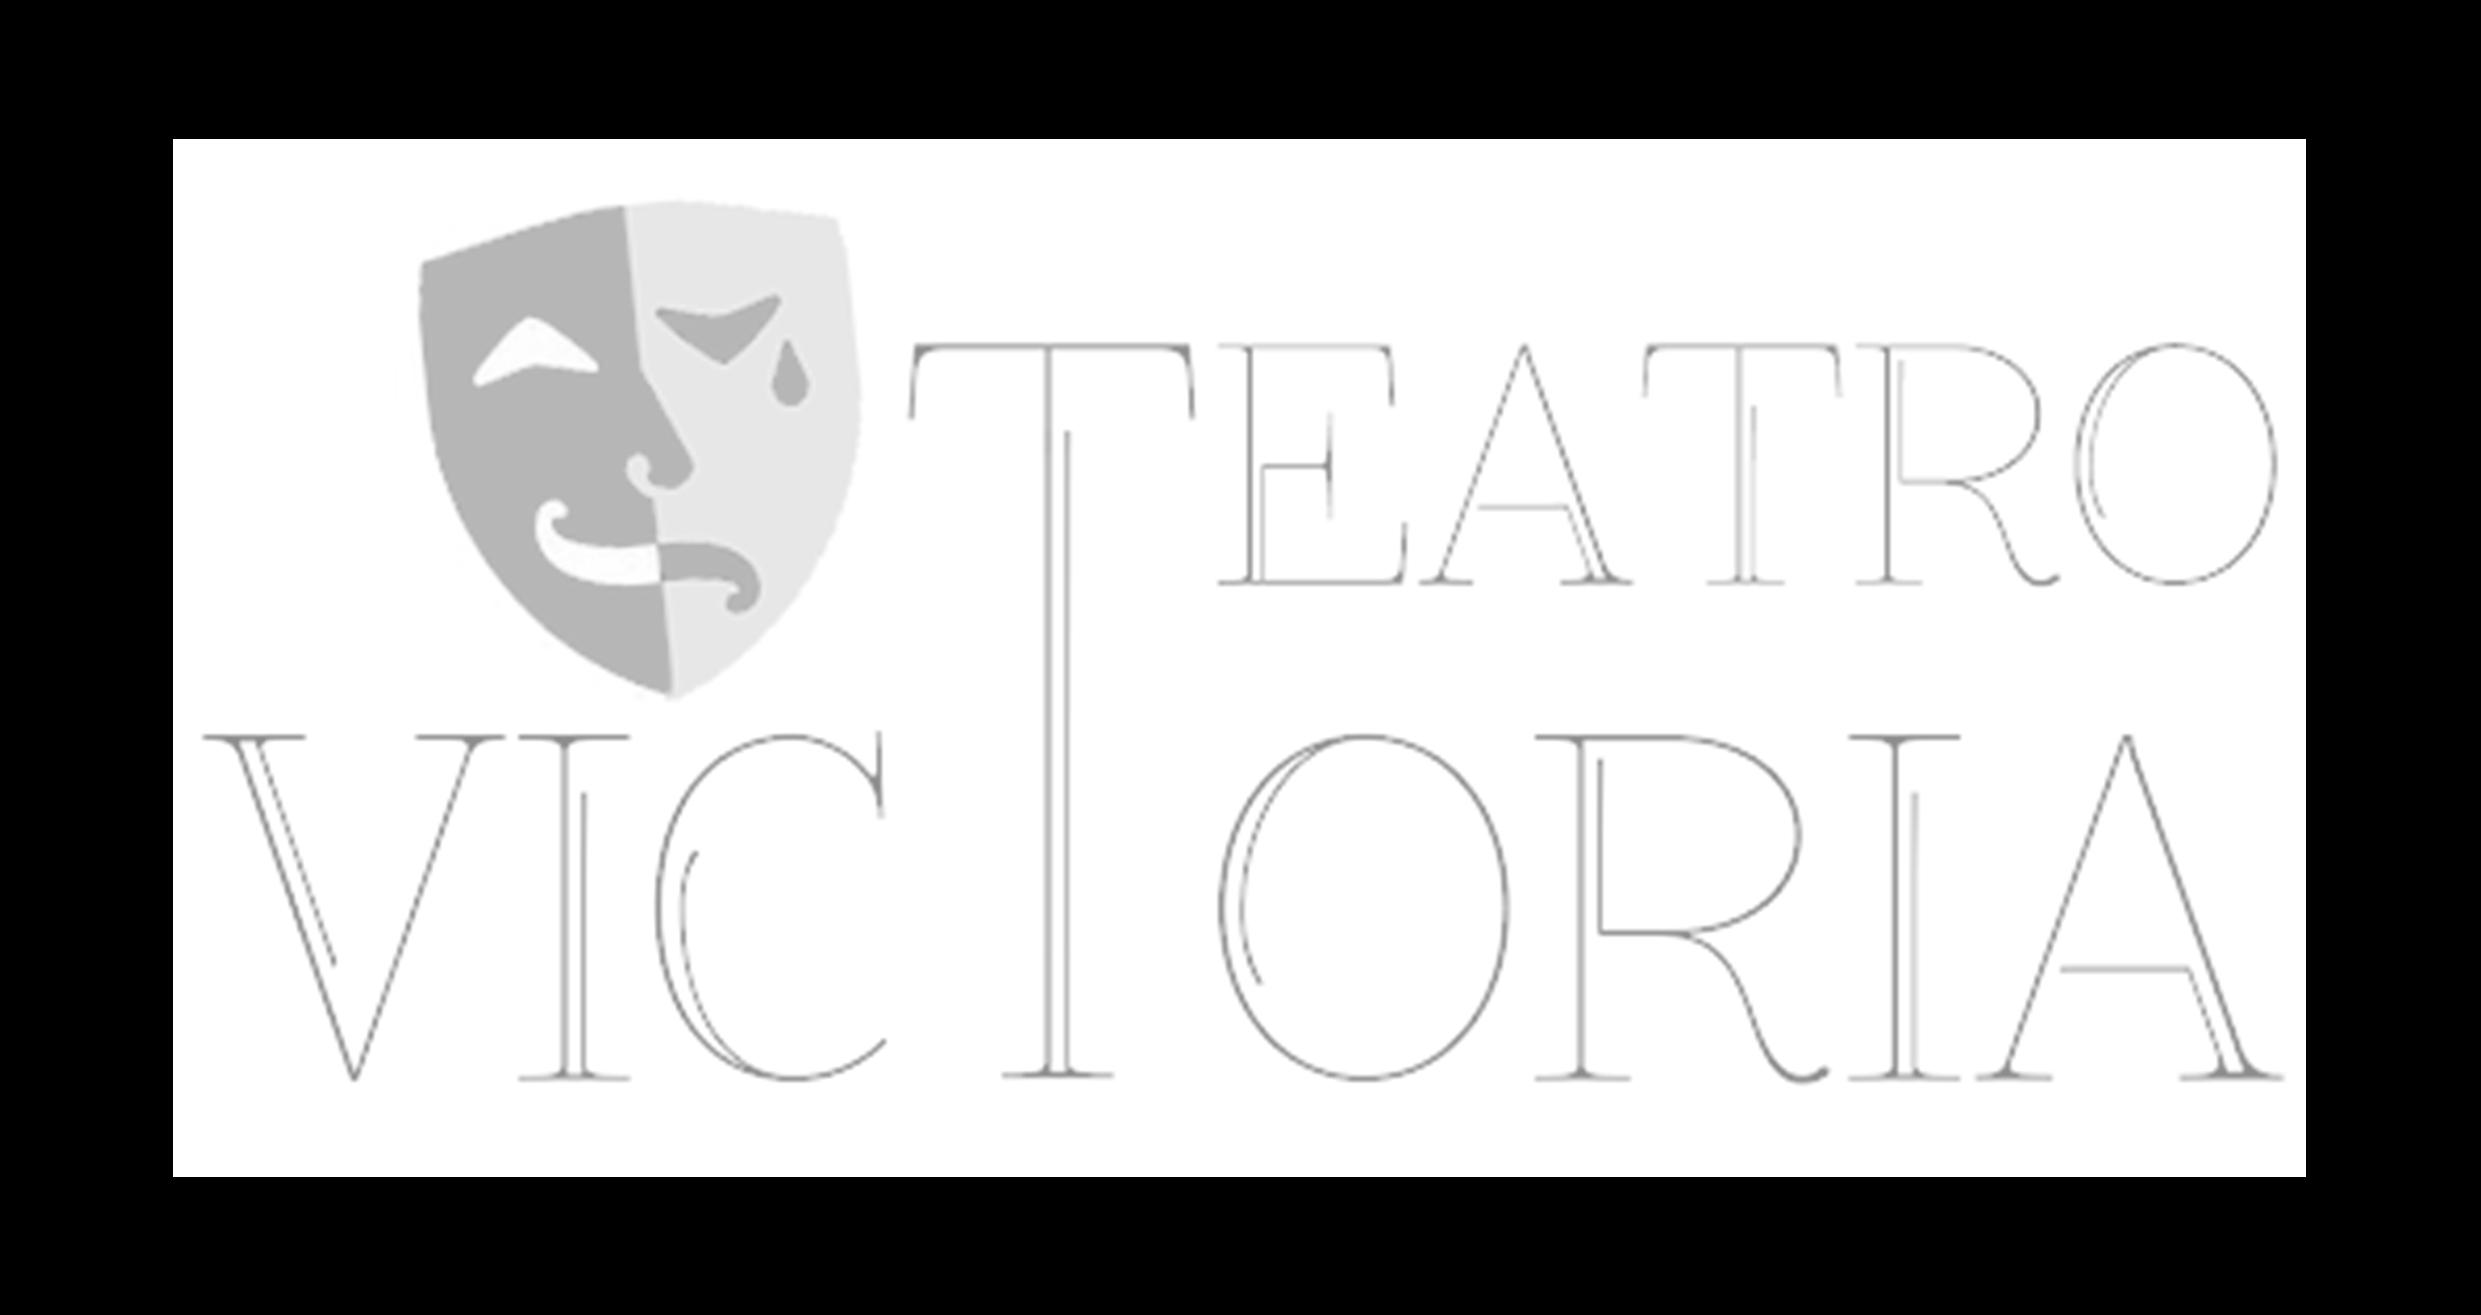 T-victoria-logo